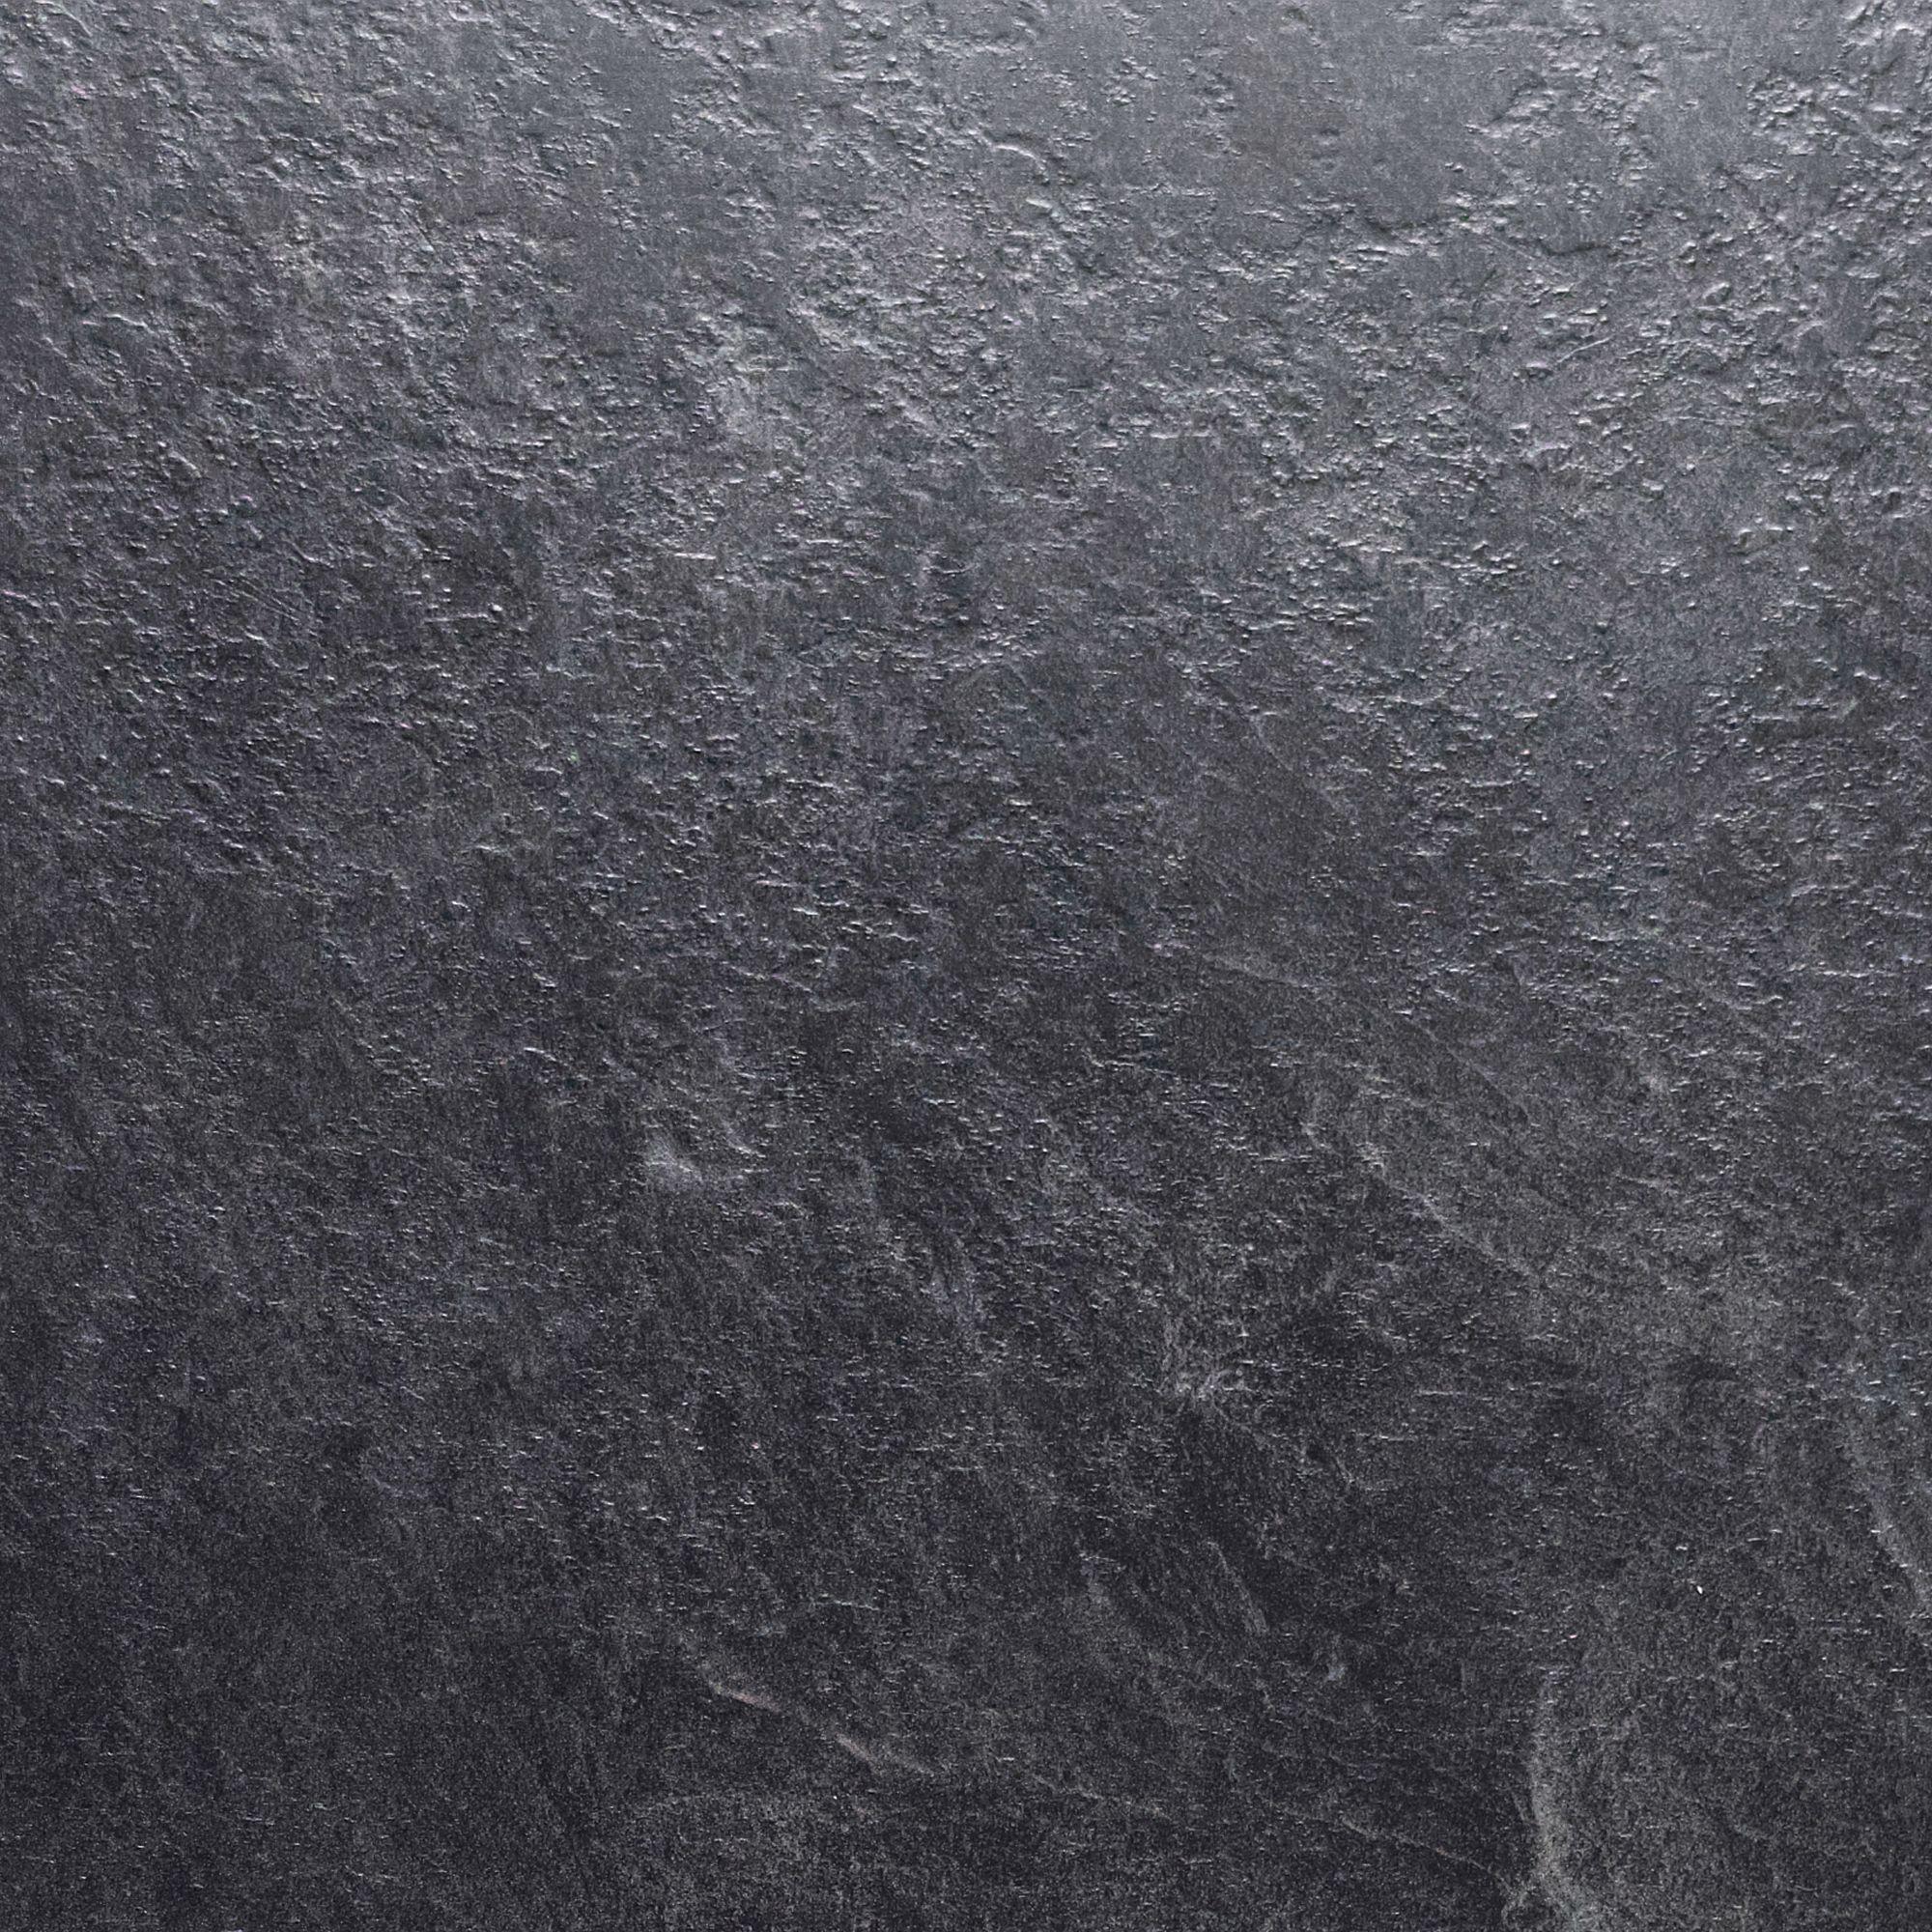 Bathroom worktops b q - 38mm Basalt Slate Laminate Round Edge Kitchen Worktop L 3000mm D 600mm